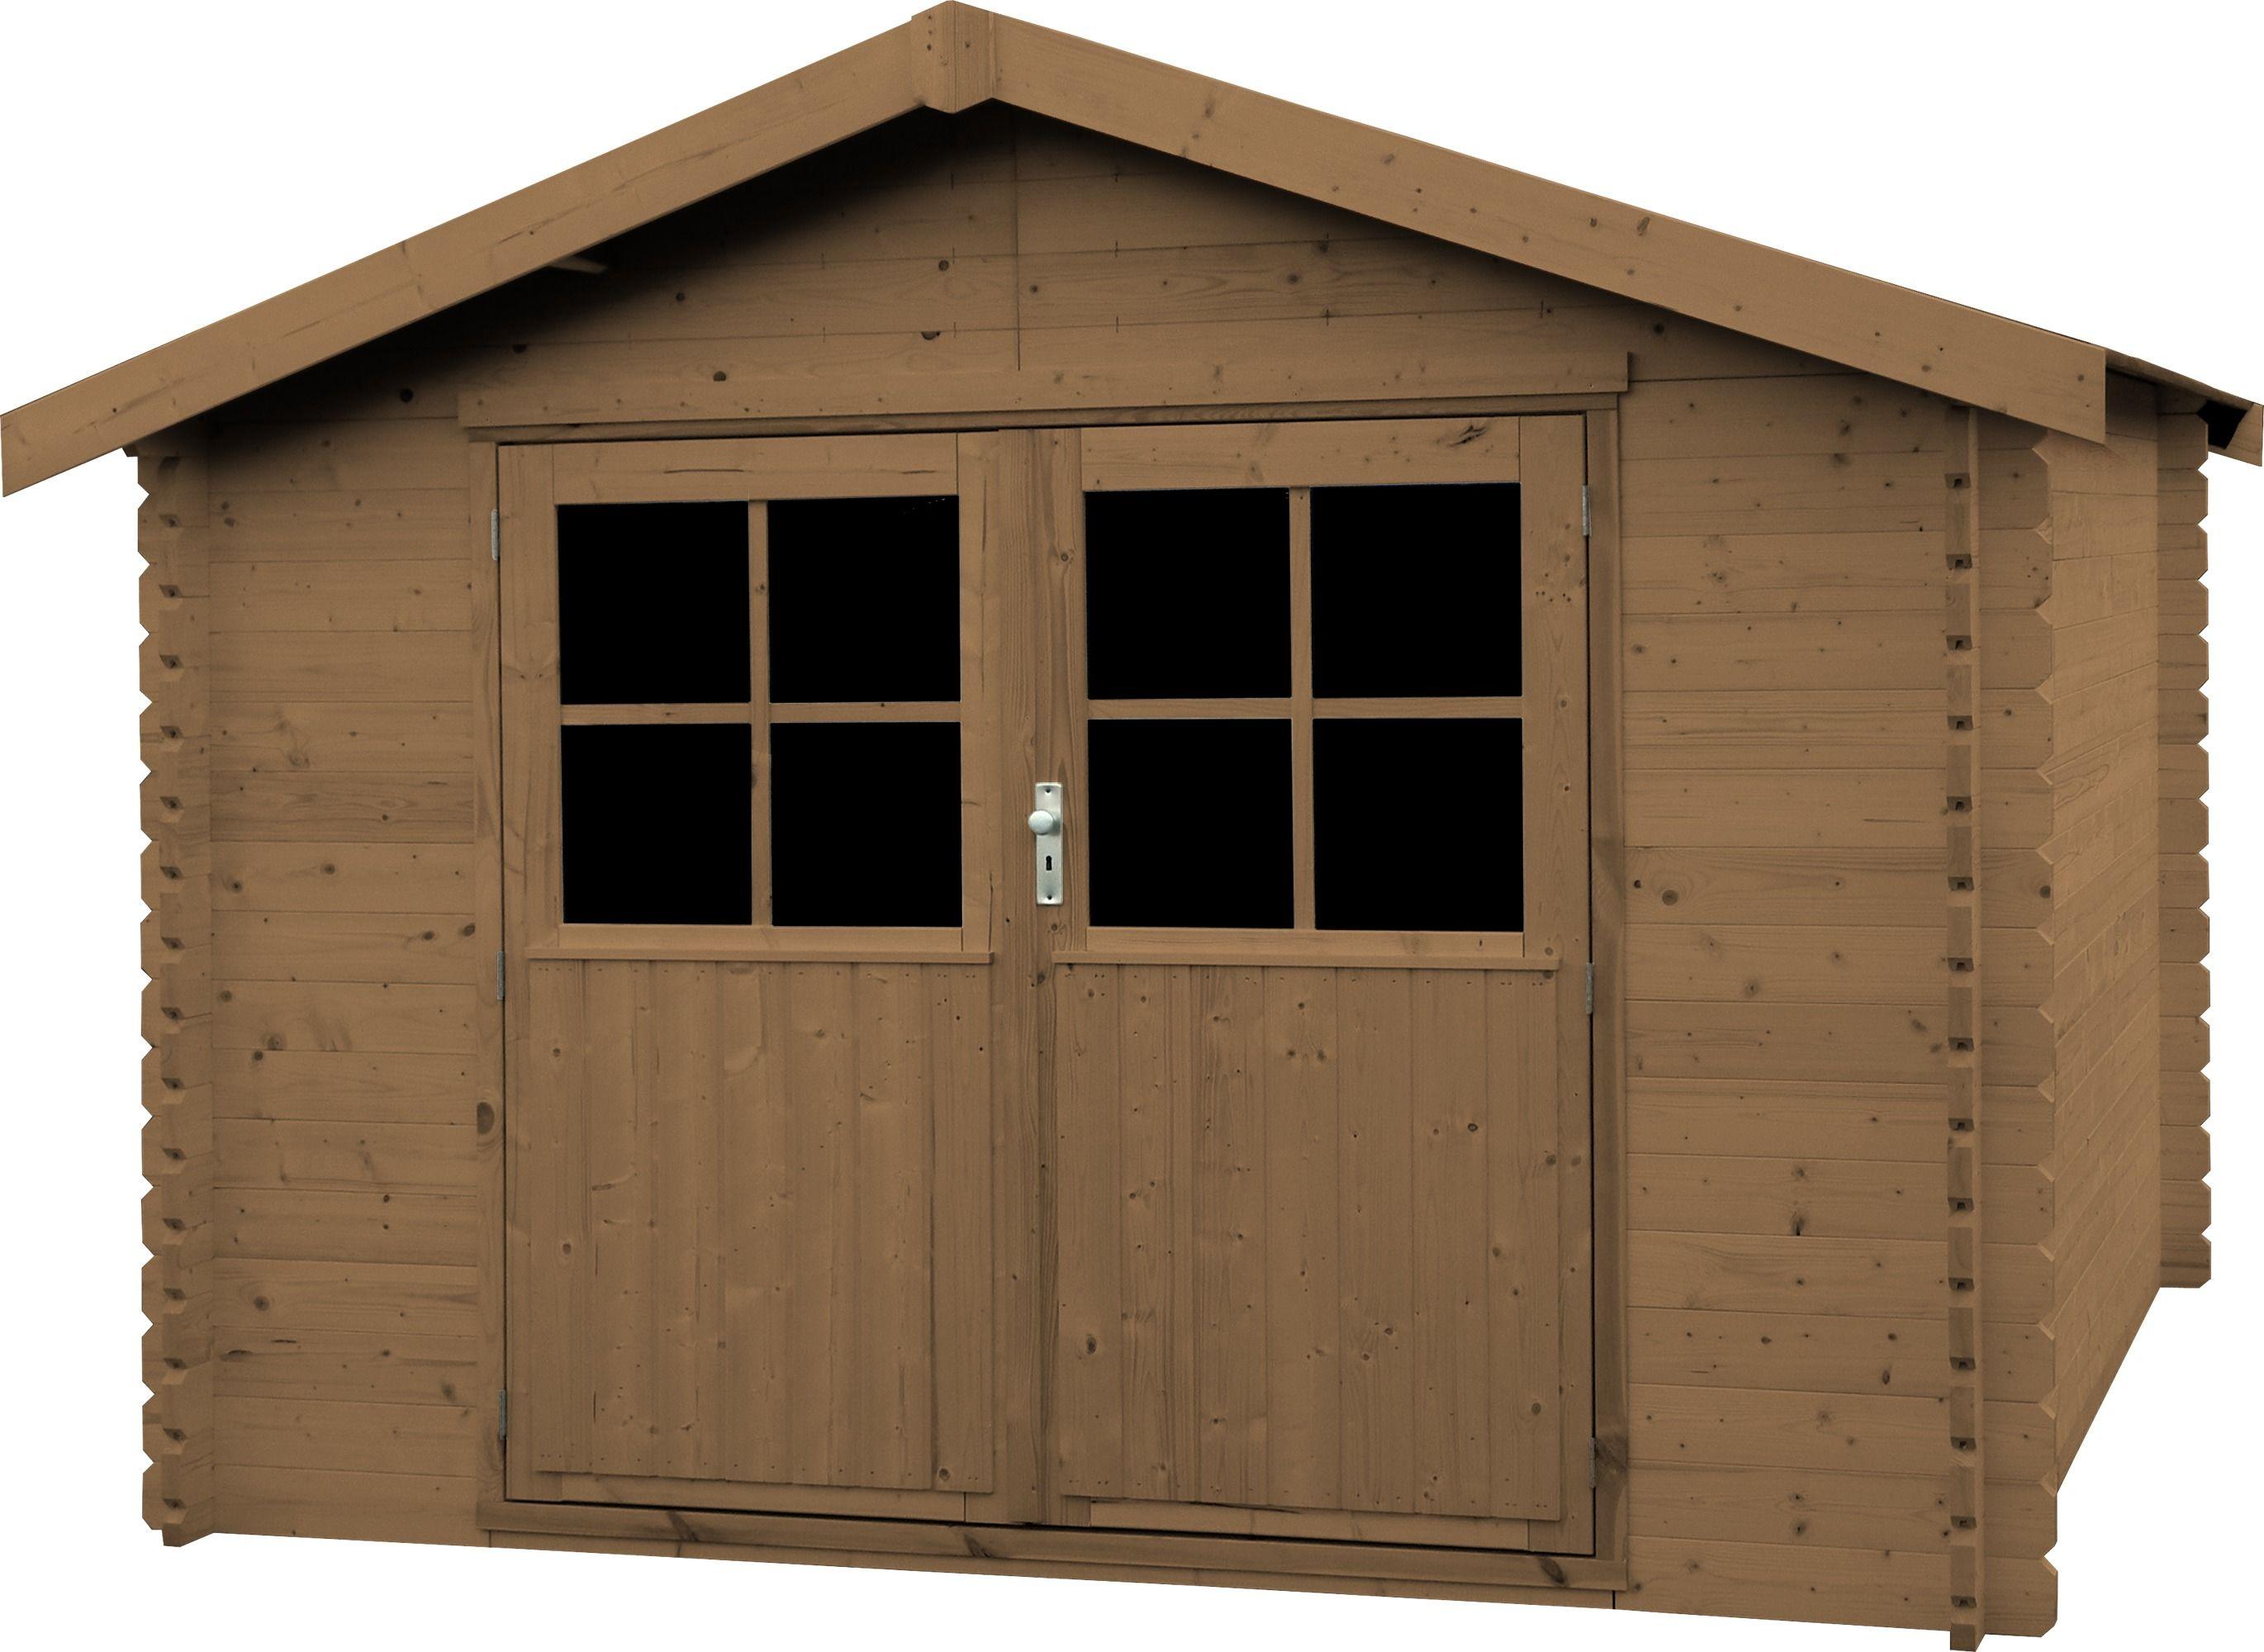 Aki bricolaje jardiner a y decoraci n caseta madera valodeal marron casetas de madera - Bricolaje y decoracion ...